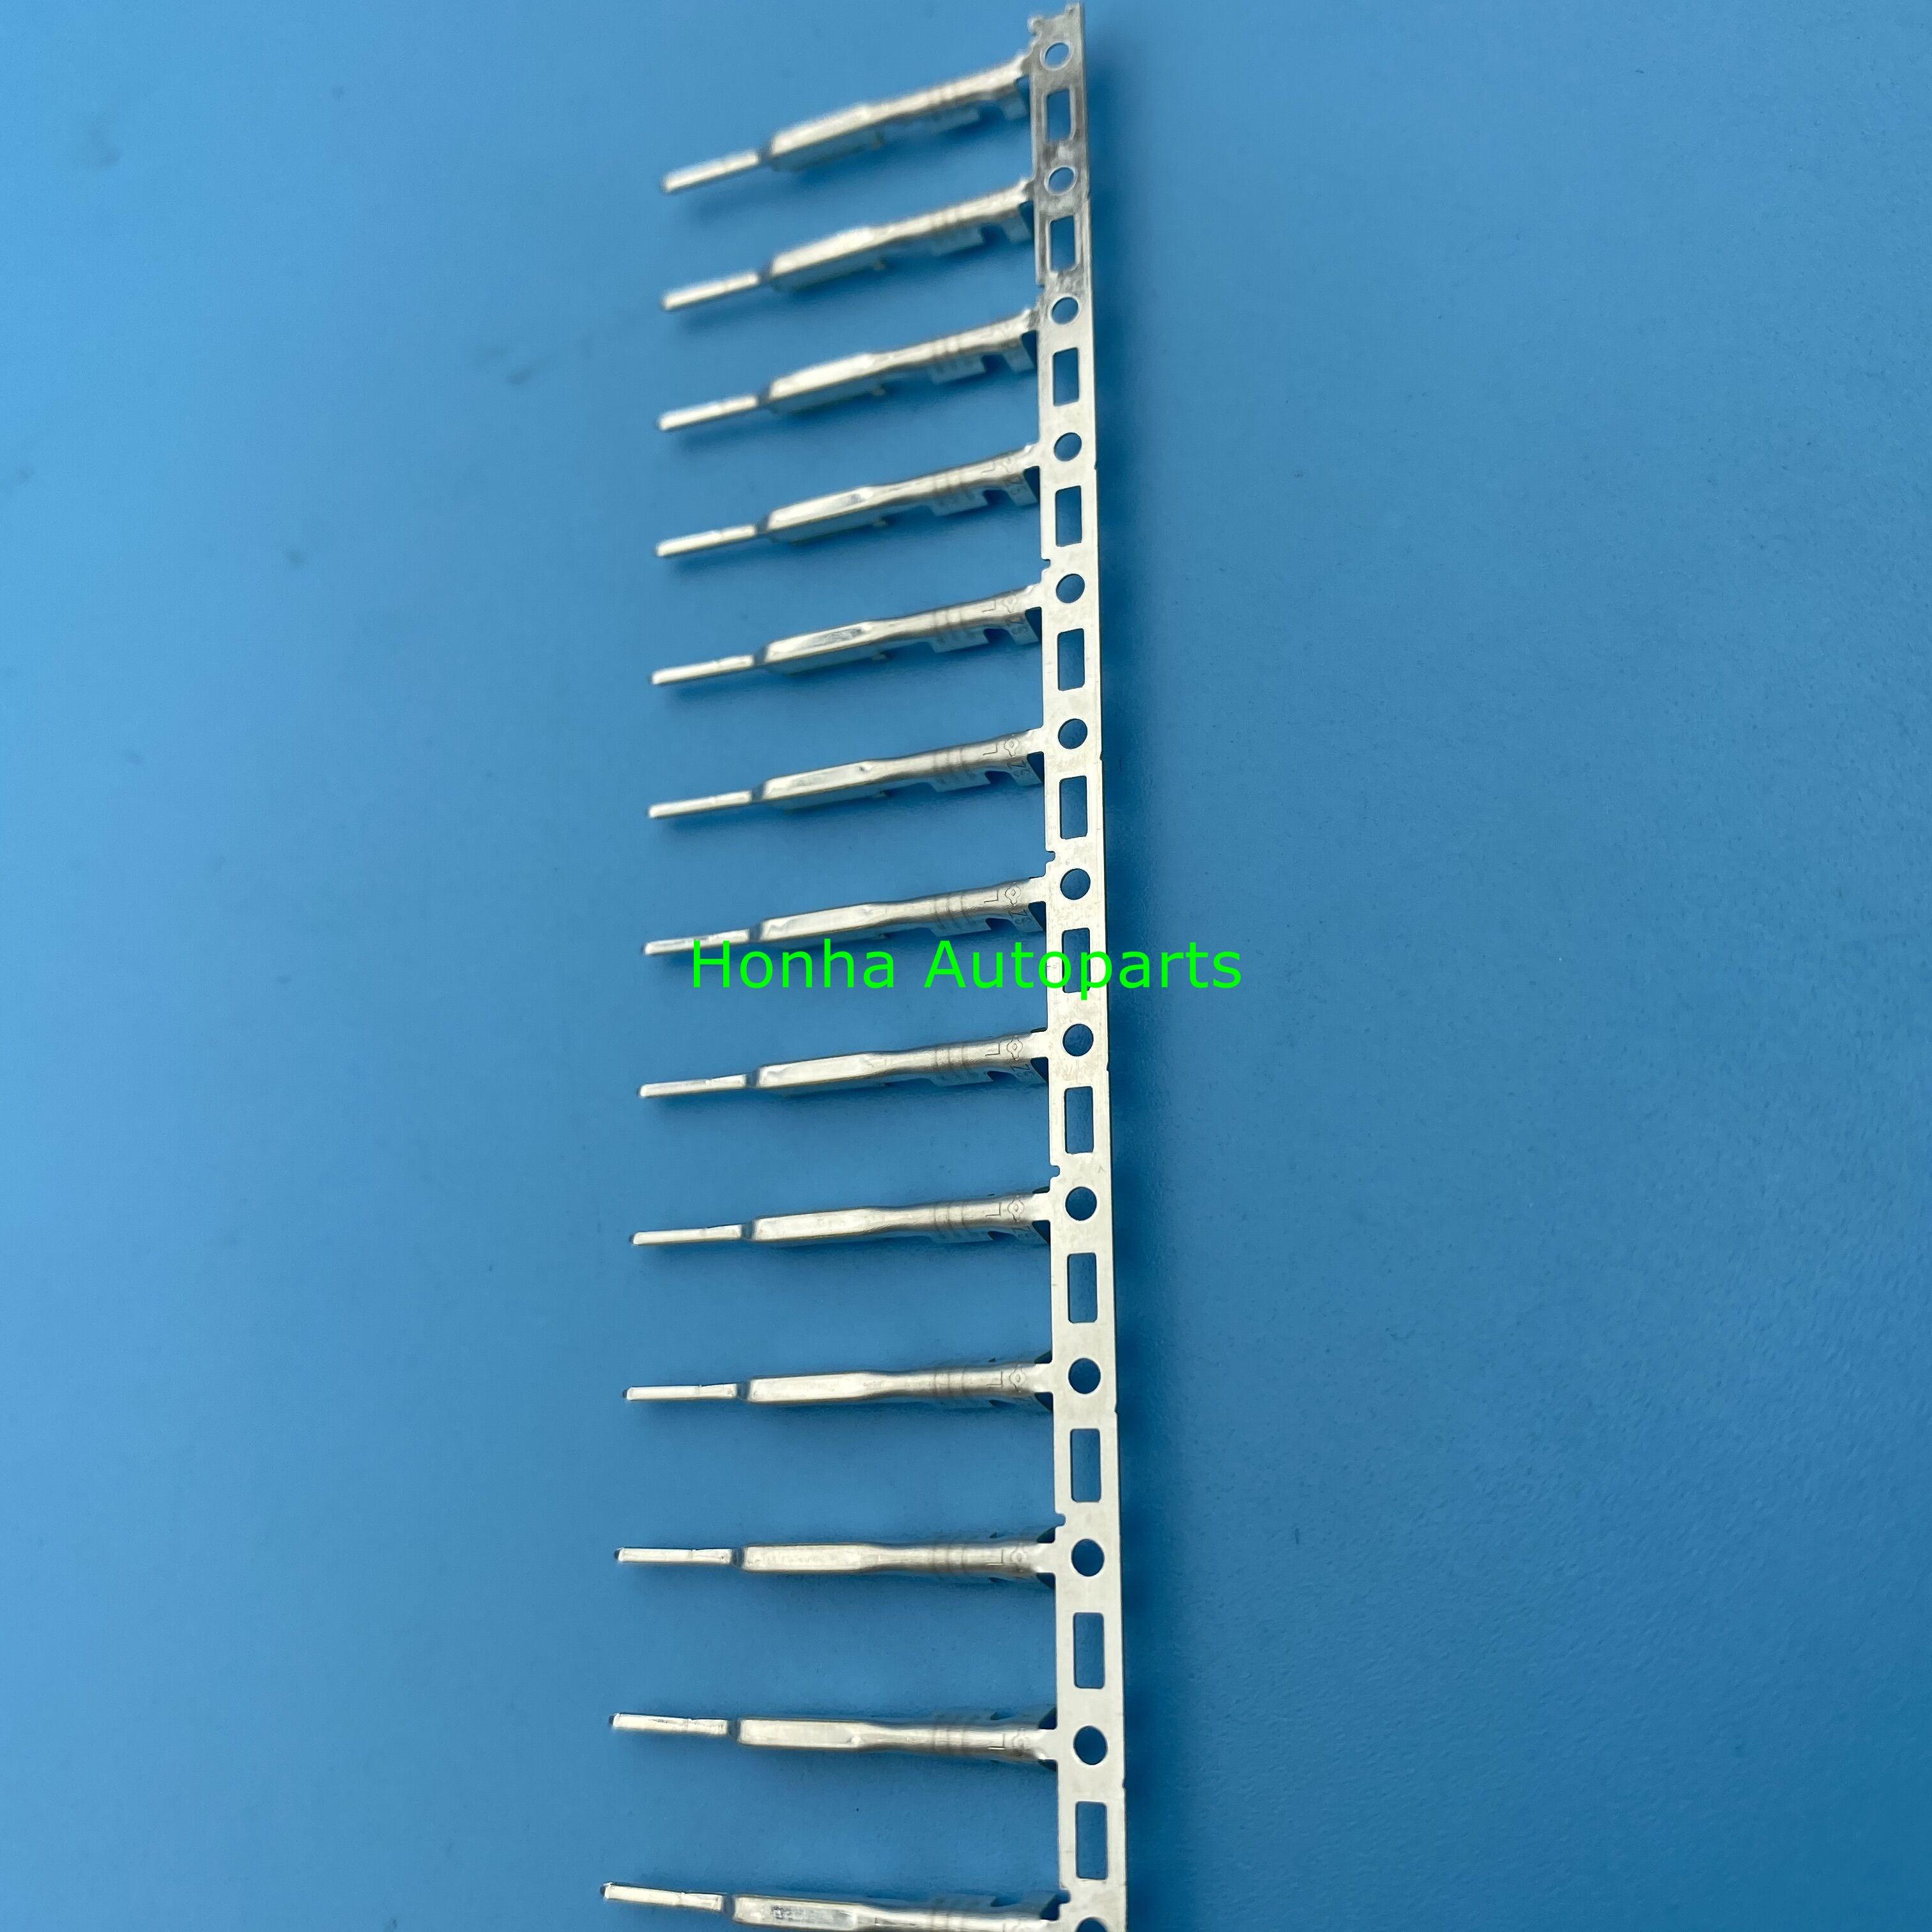 Envío Gratis, 100/200/500/1000 uds/lotes, terminal Original 8100-3623 para conectores relacionados con la serie HE de 0,64mm para Sumitomo